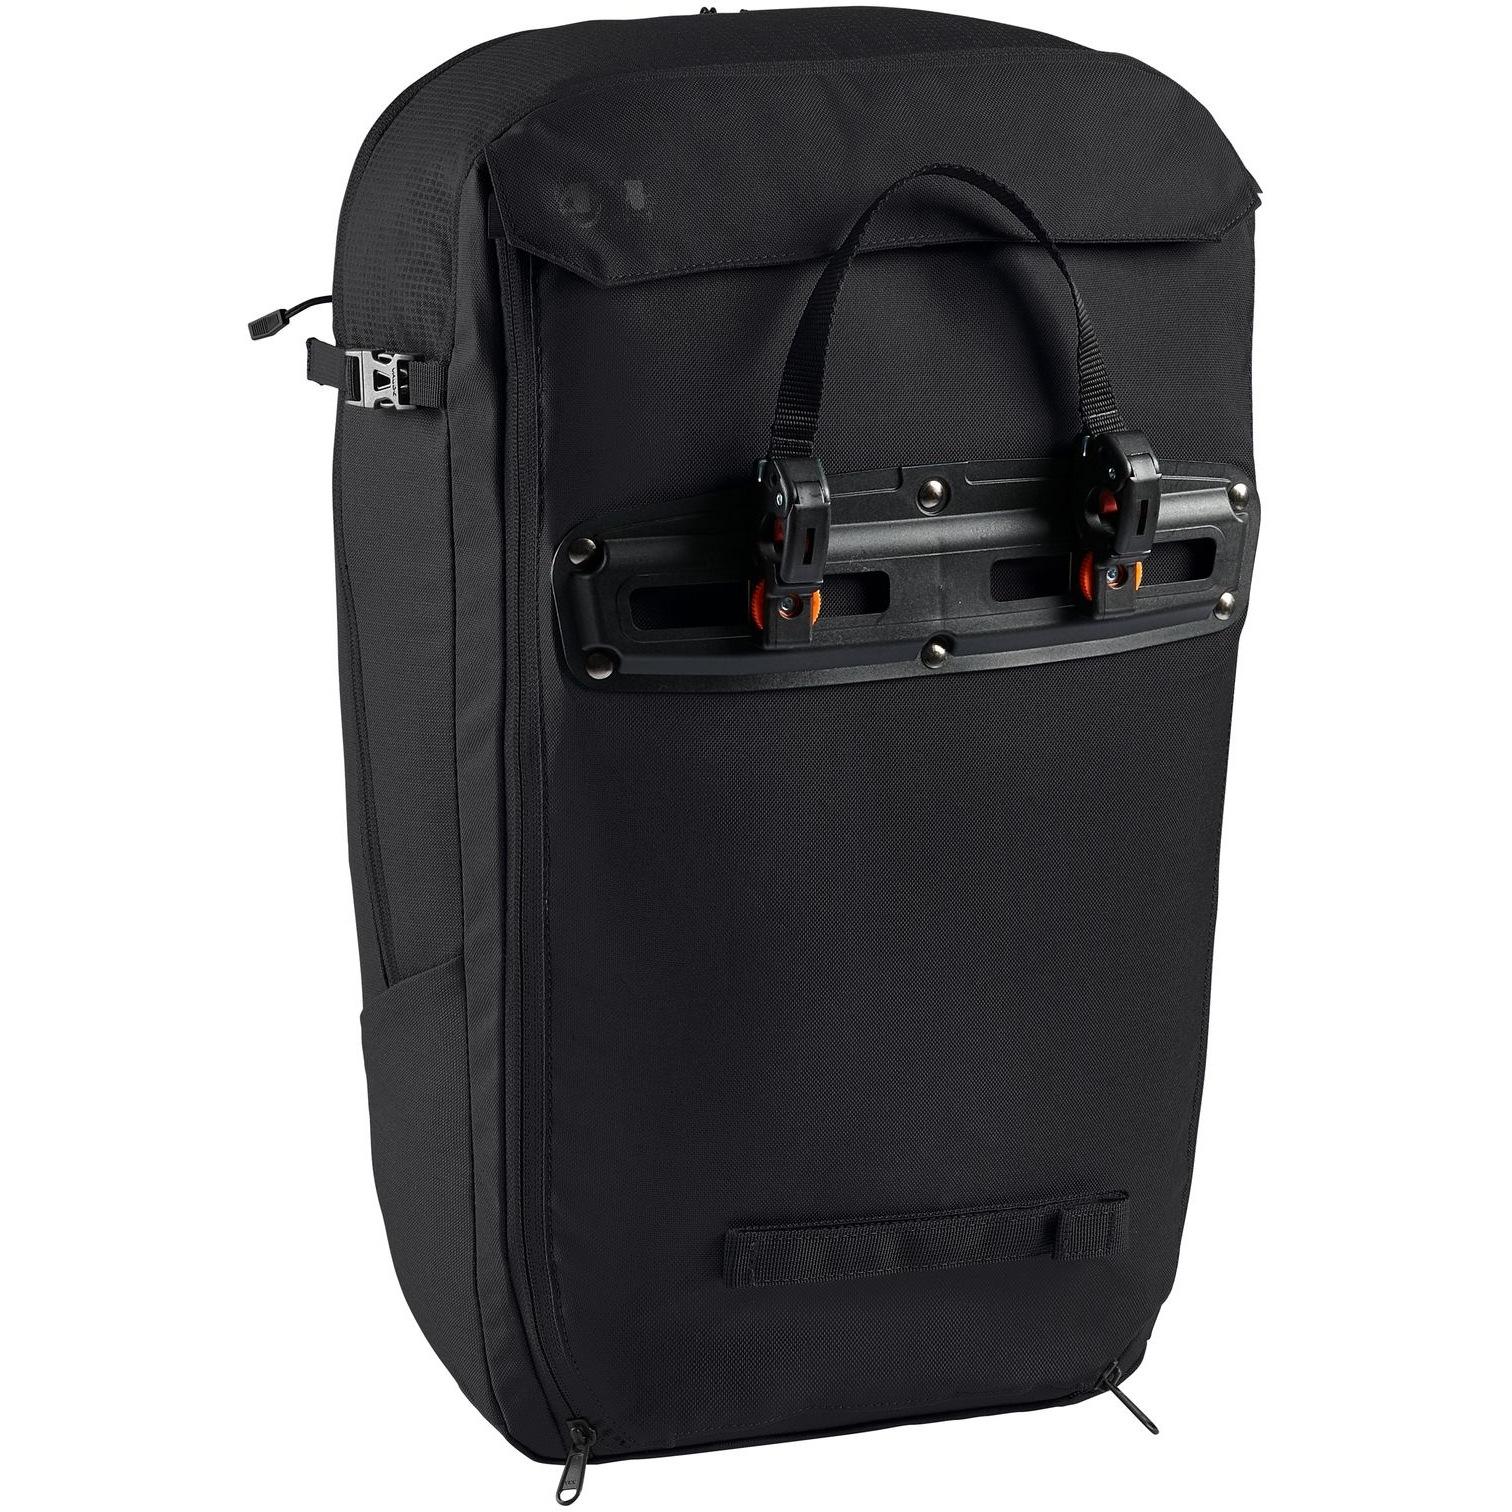 Vaude Cycle 28 II Backpack - black